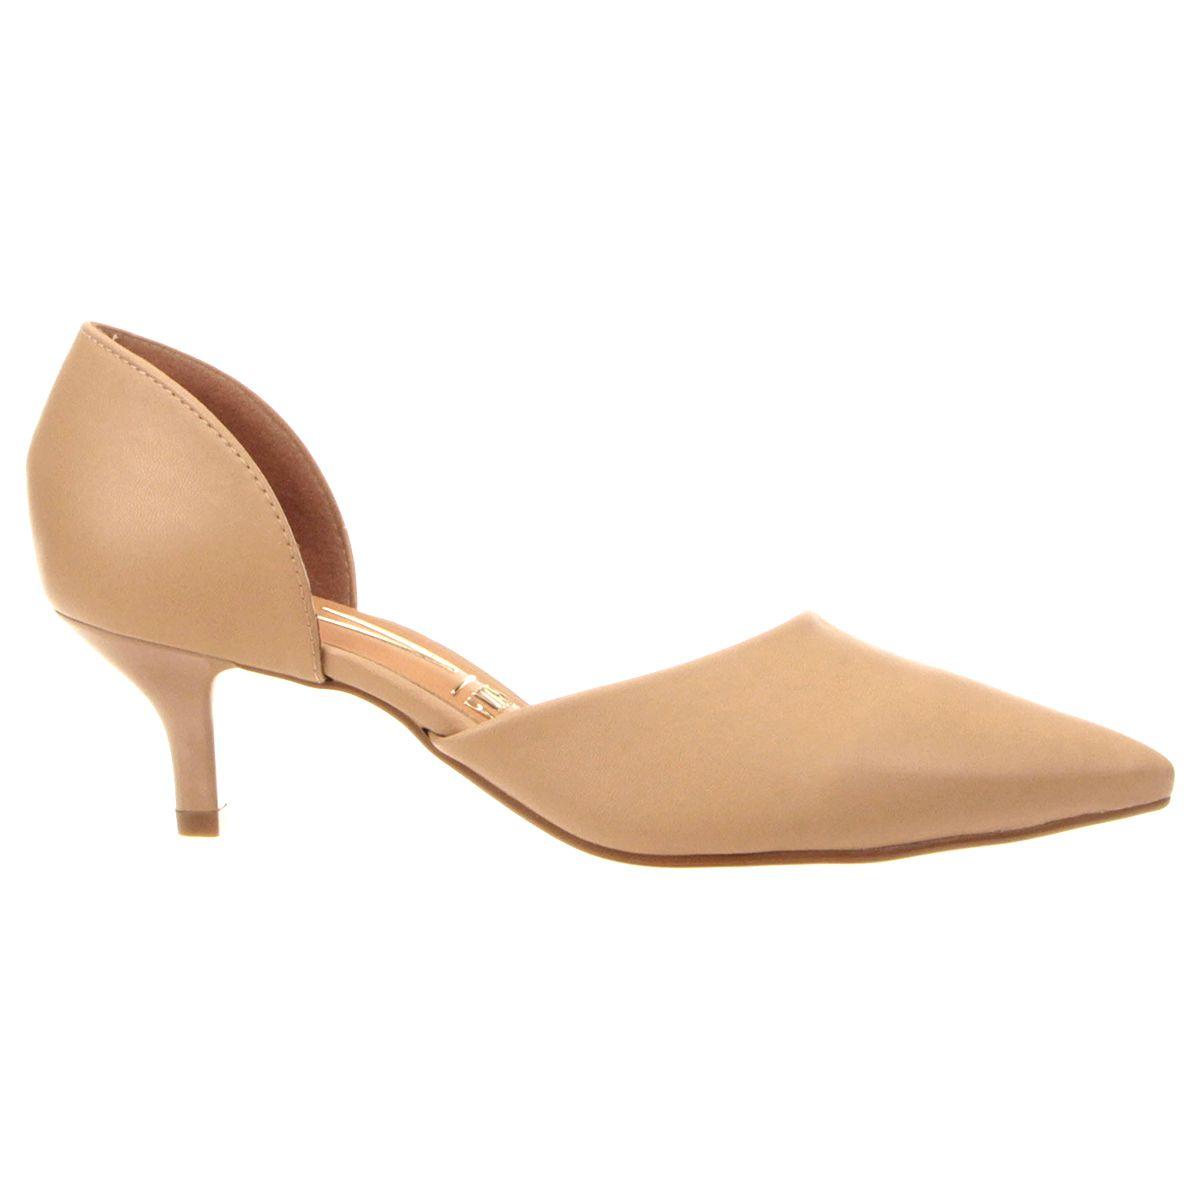 Scarpin Vizzano Salto Baixo Recorte Bege   Zattini - A nova loja de moda  online da Netshoes 72d69ea8a2